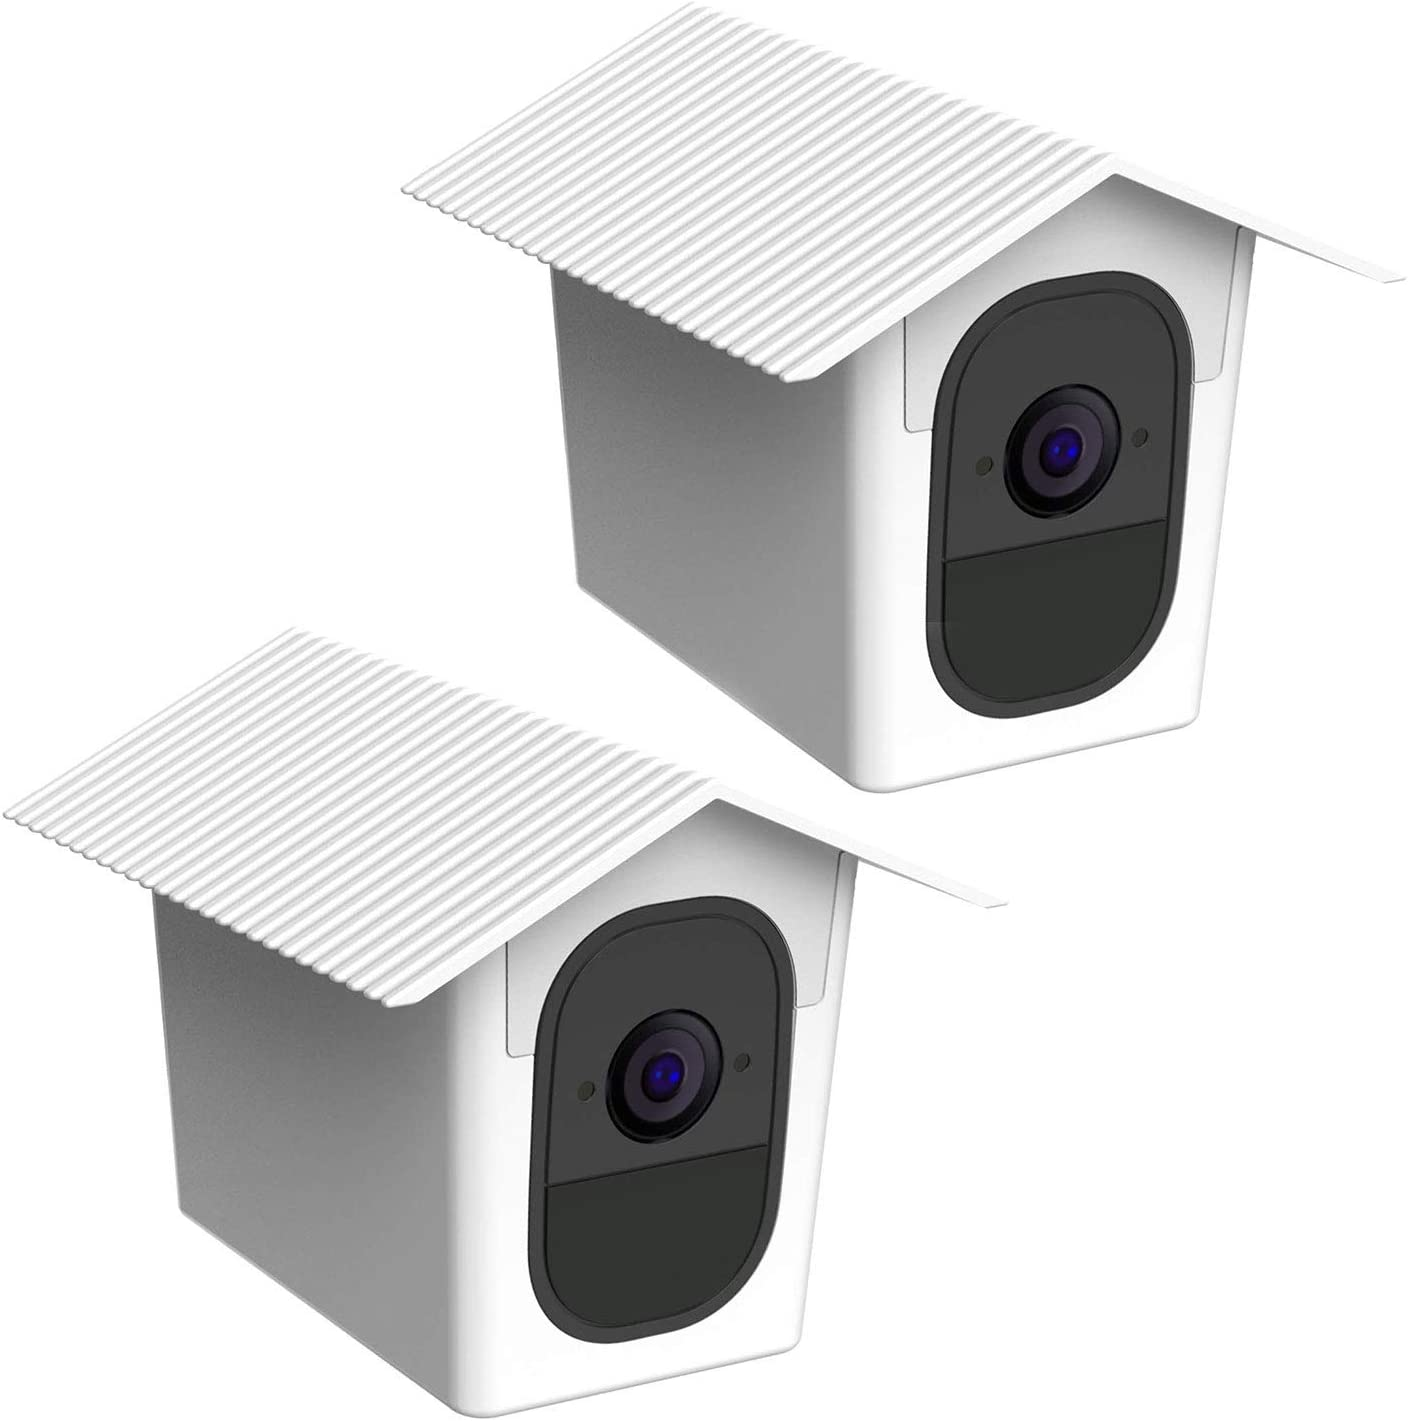 Tiuihu Wetterfeste Schutzhülle Für Arlo Pro Arlo Pro 2 Leichte Und Tragbare Arlo Kamera Abdeckung 2 Stück Weiß Baumarkt